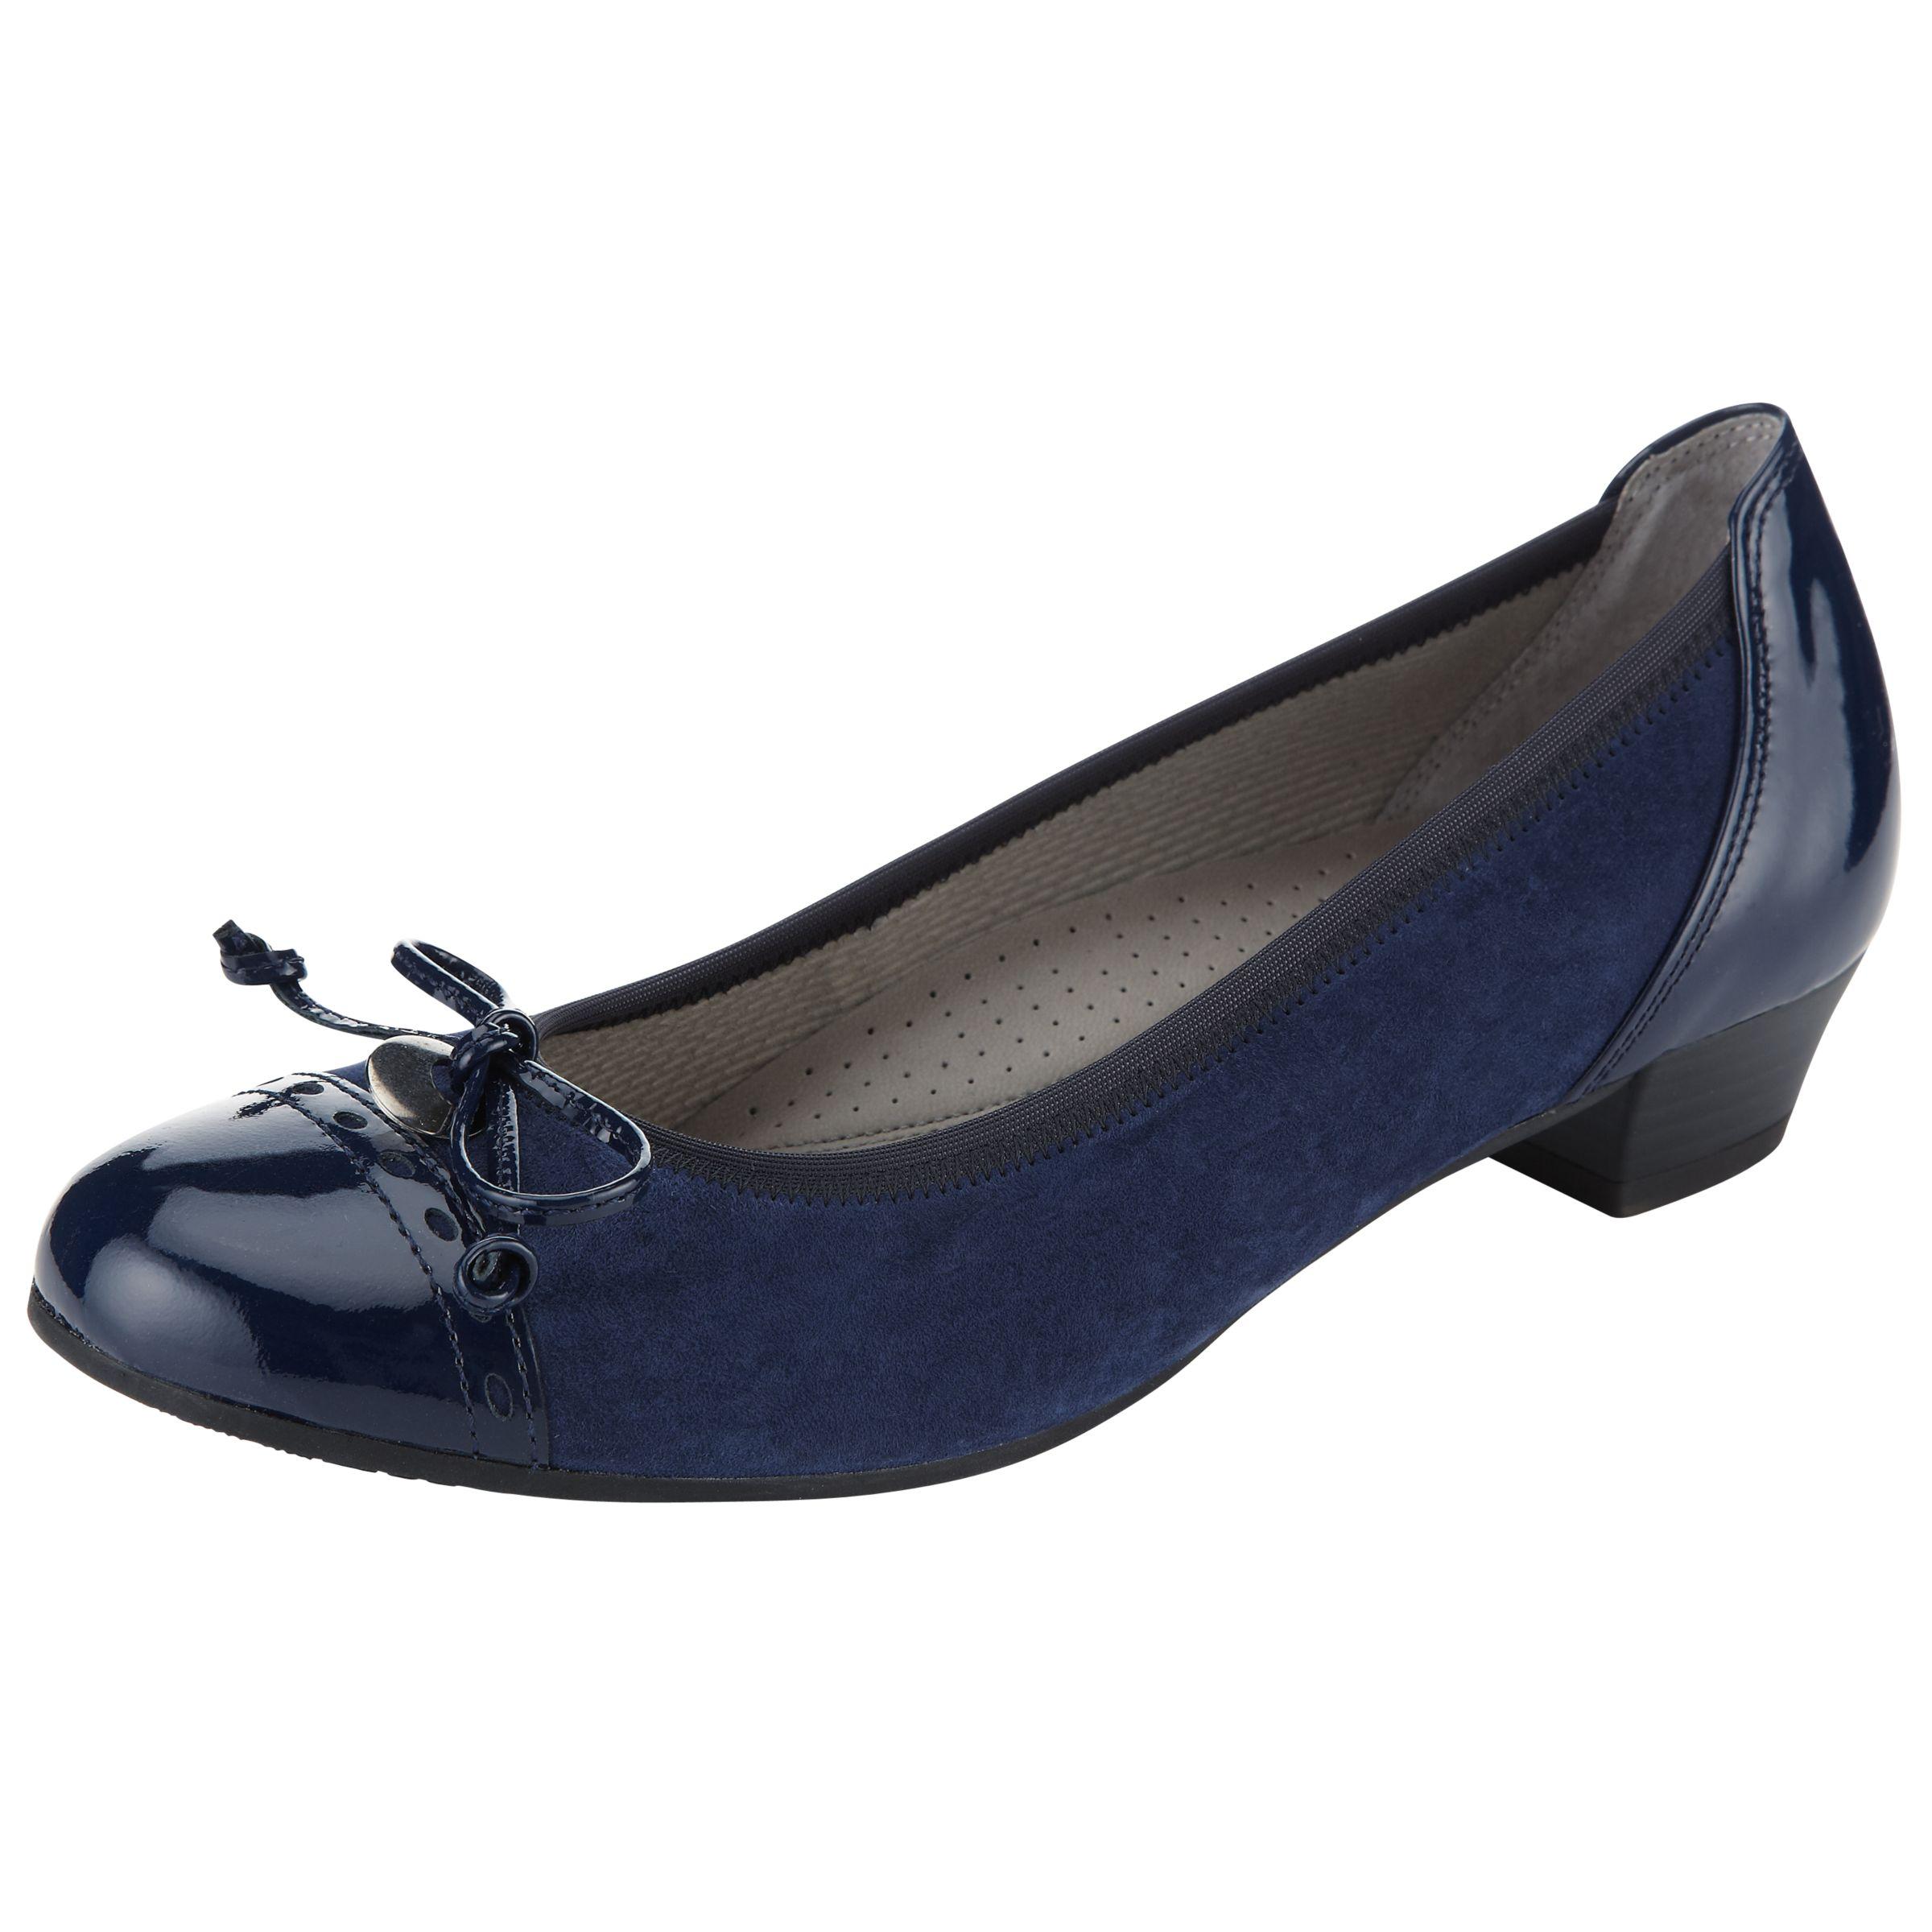 Gabor Ladies Shoes At John Lewis